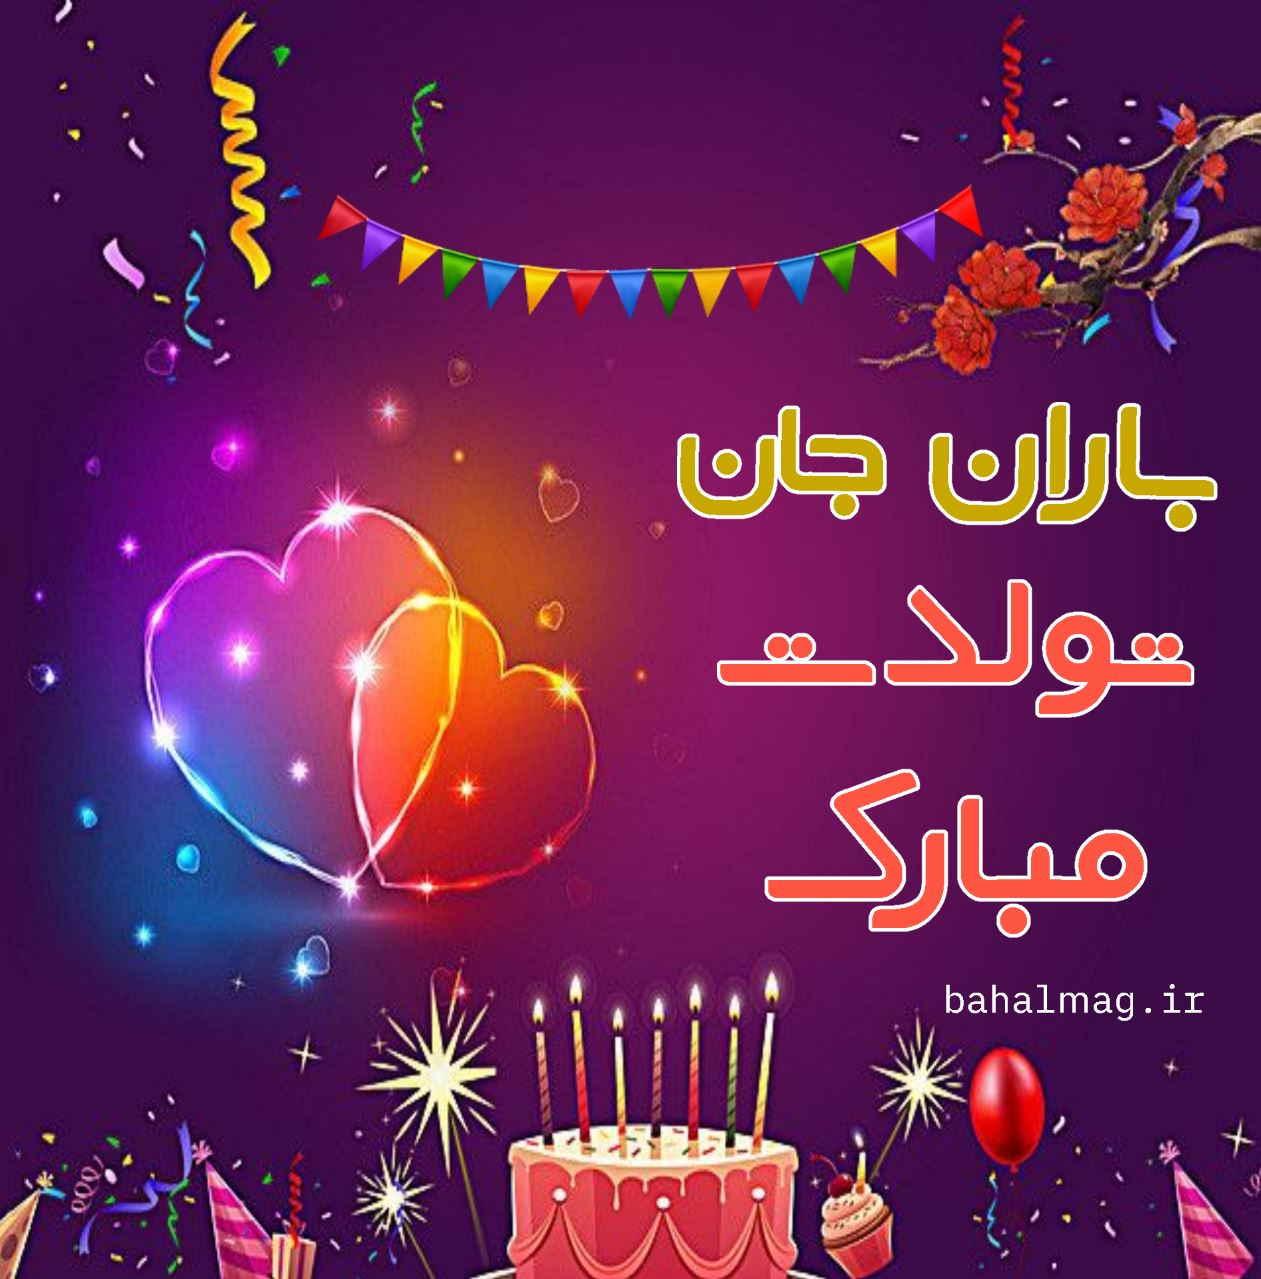 باران جانم تولدت مبارک باد